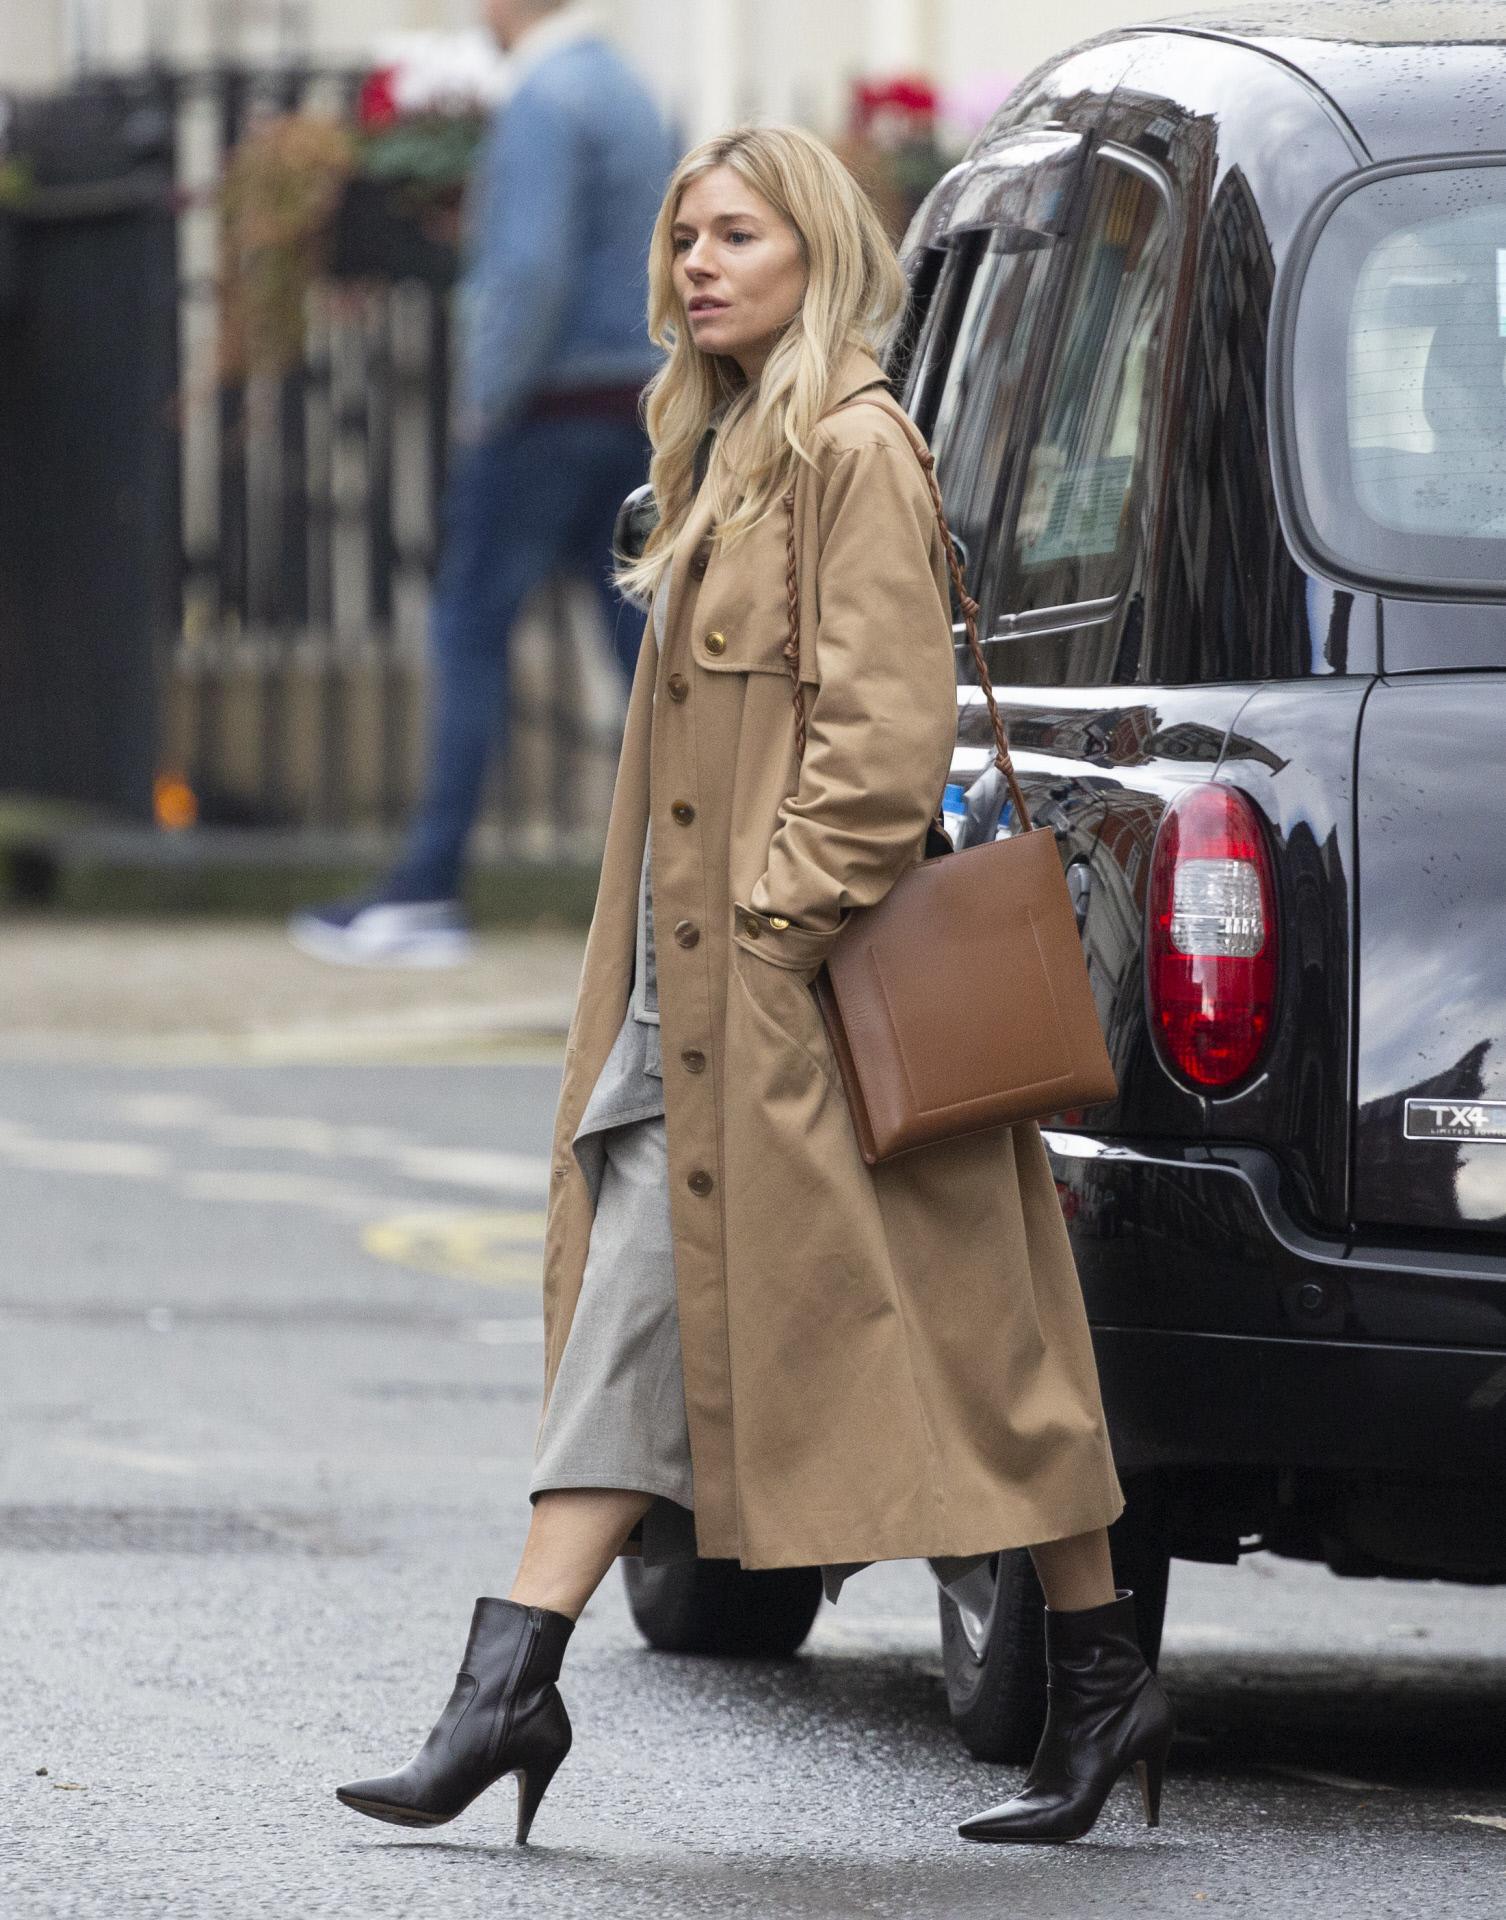 El look de Sienna Miller con botines negros y vestido midi.